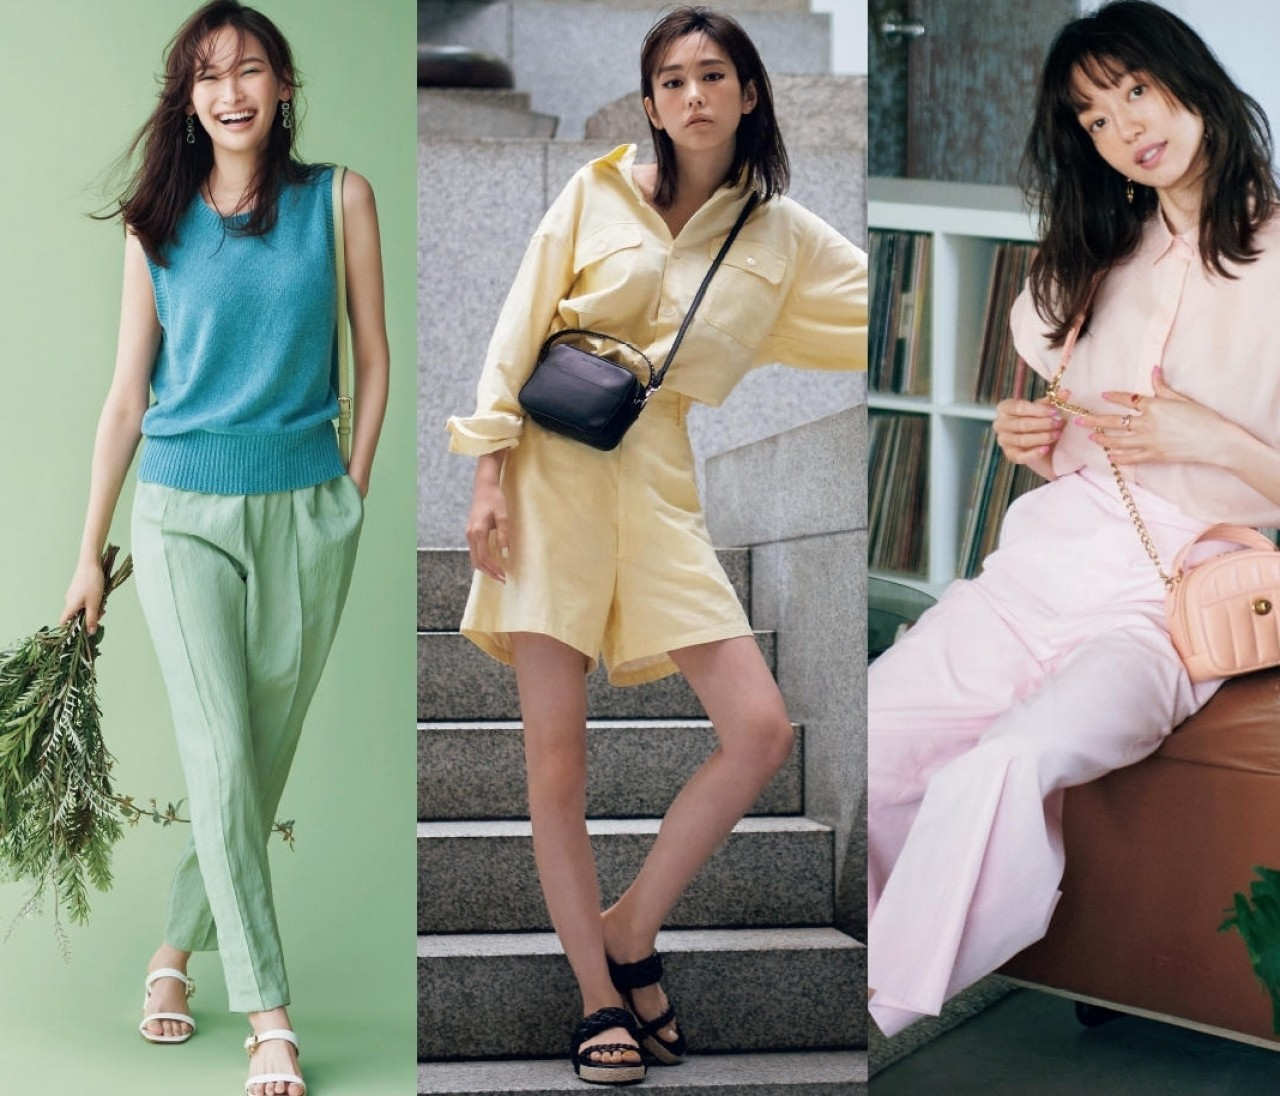 桐谷美玲、大政 絢、新川優愛...バイラモデルズ8人の最新きれい色の着こなしを一気見!